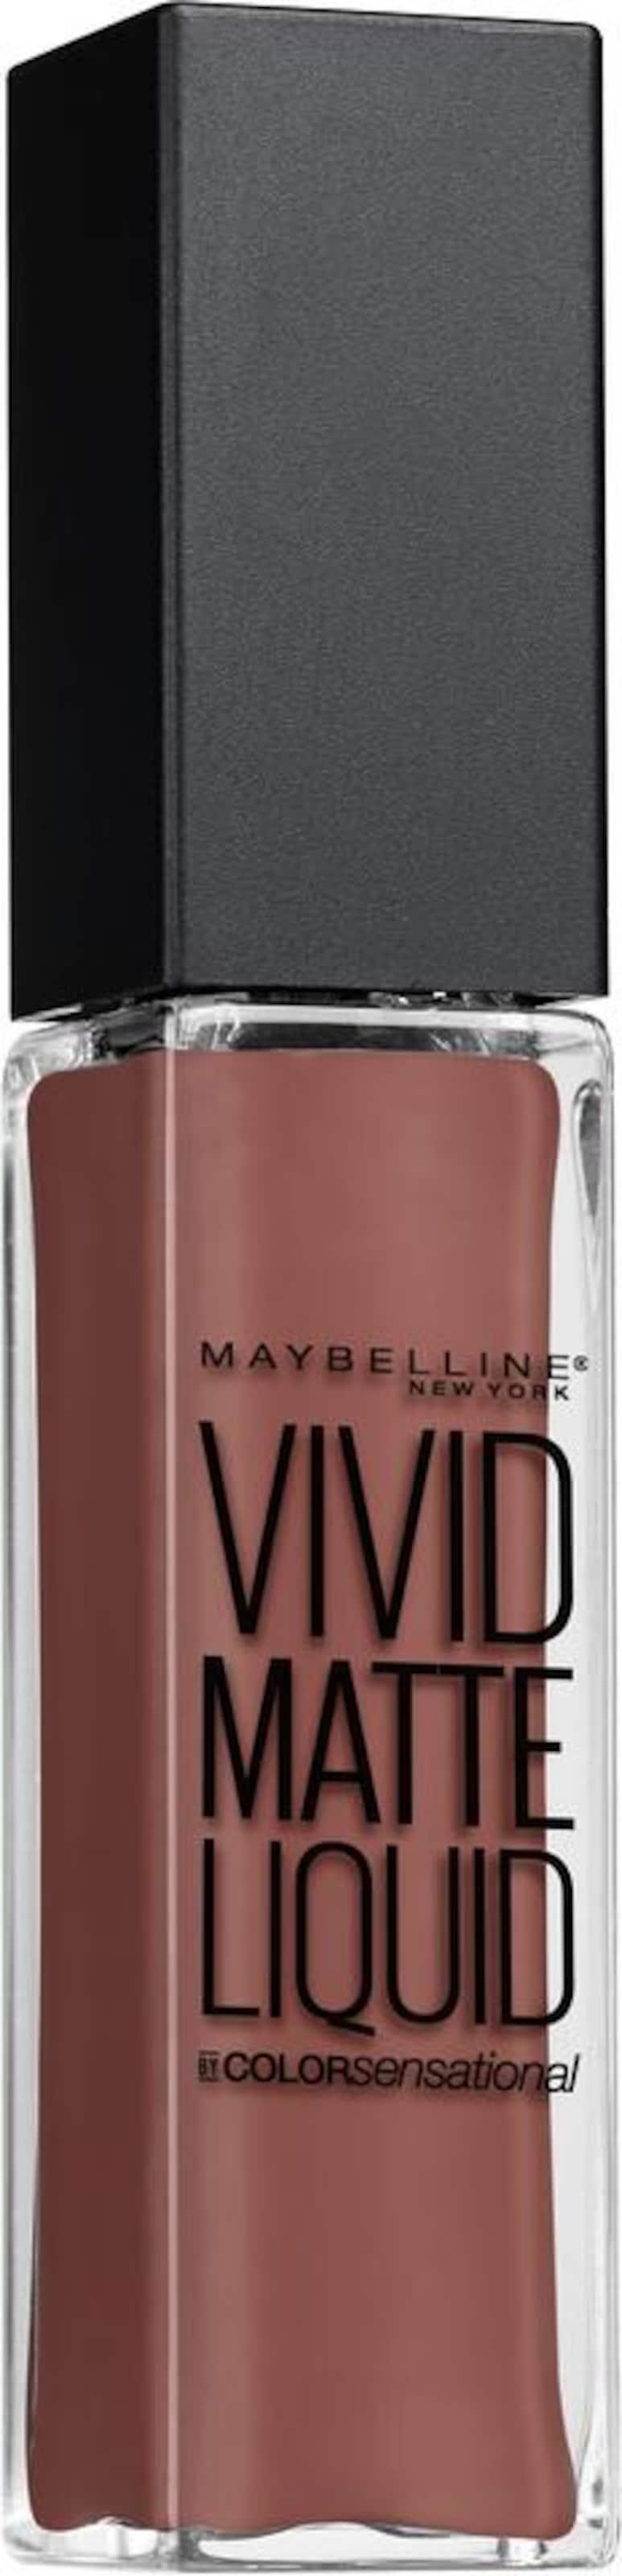 MAYBELLINE New York 'Vivid Matte Liquid' Lippenstift Laden Verkauf Offizielle Seite Günstig Online Verkaufsqualität 30sGucK